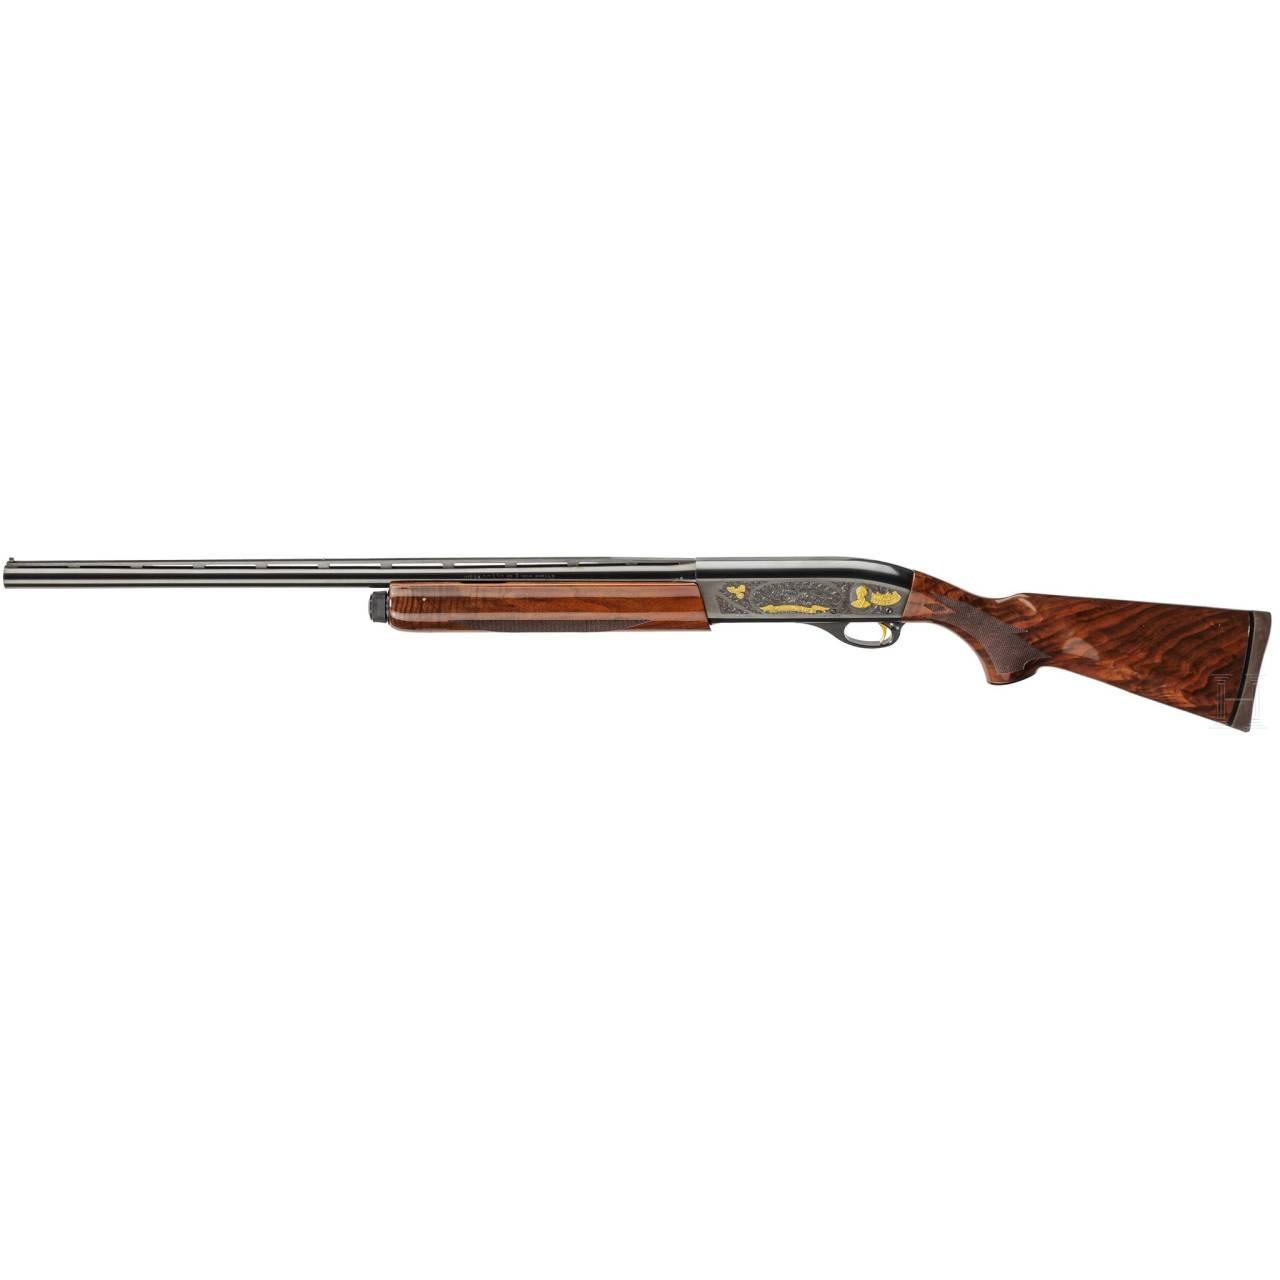 Remington Mod. 11-87 mit WL, Nr. 3 vom Collector Set von drei nummerngleichen Waffen zum 180. Jubiläum über jeweils 180 Stück